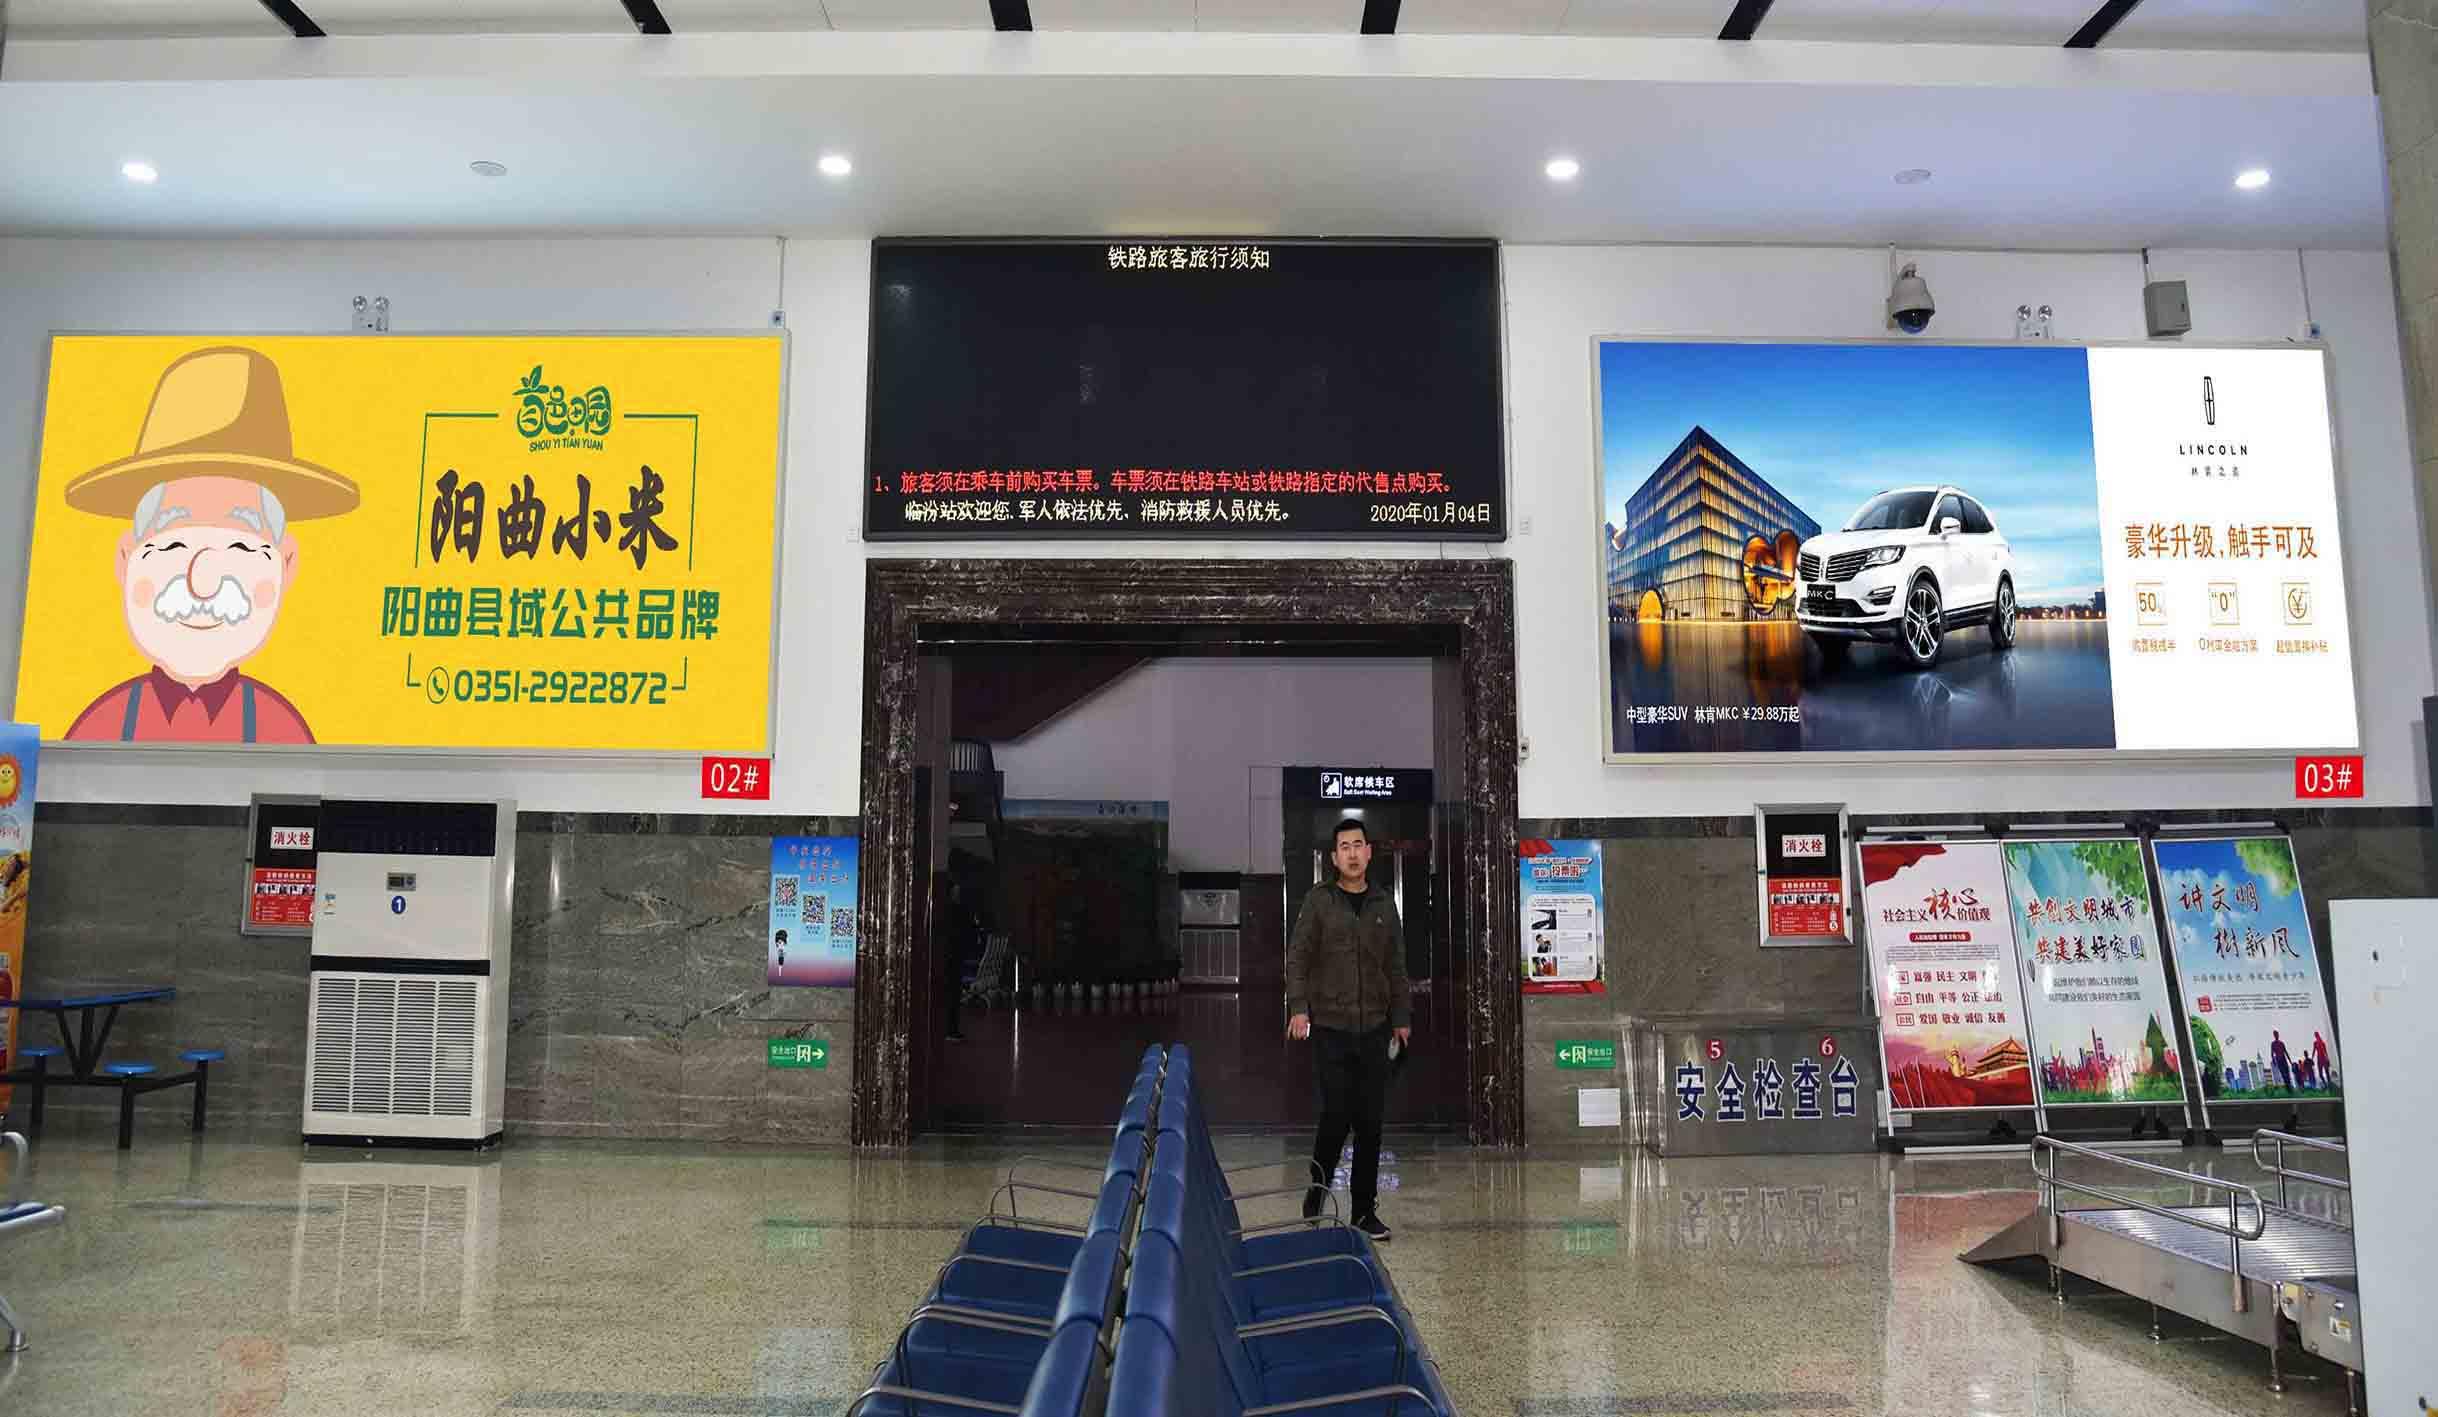 临汾火车站一层候车室灯箱广告2#、3#